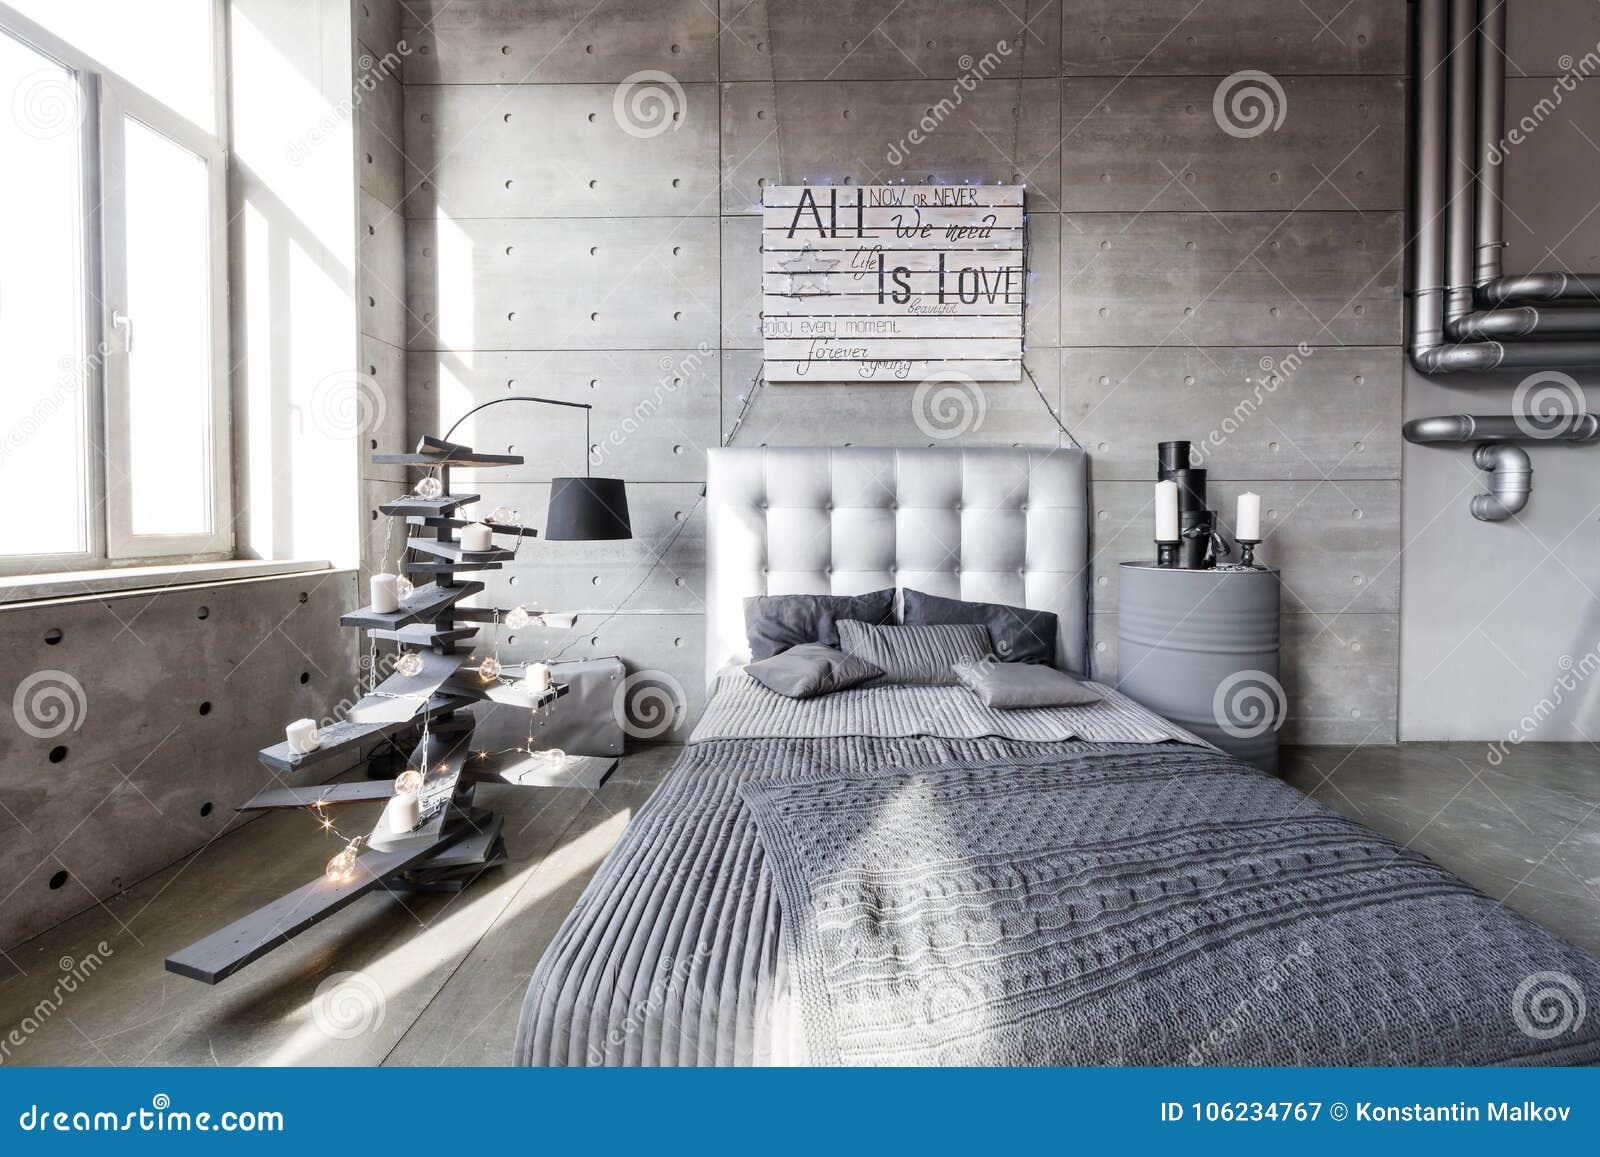 Moderne lege slaapkamer in zolderstijl met grijze kleuren en houten